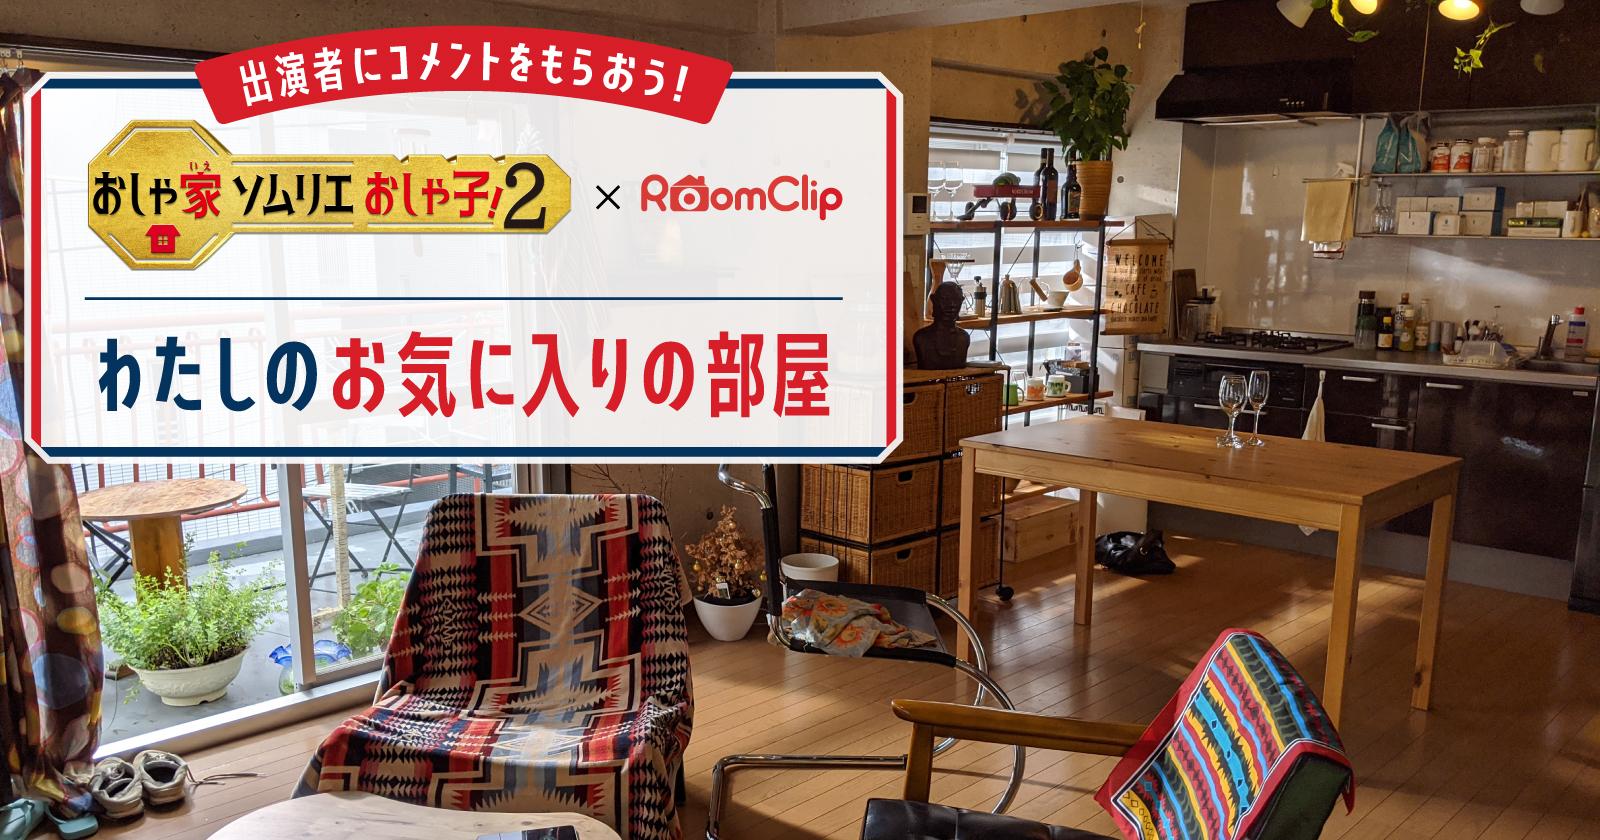 「おしゃ家ソムリエおしゃ子!2」出演者にコメントをもらおう!わたしのお気に入りの部屋